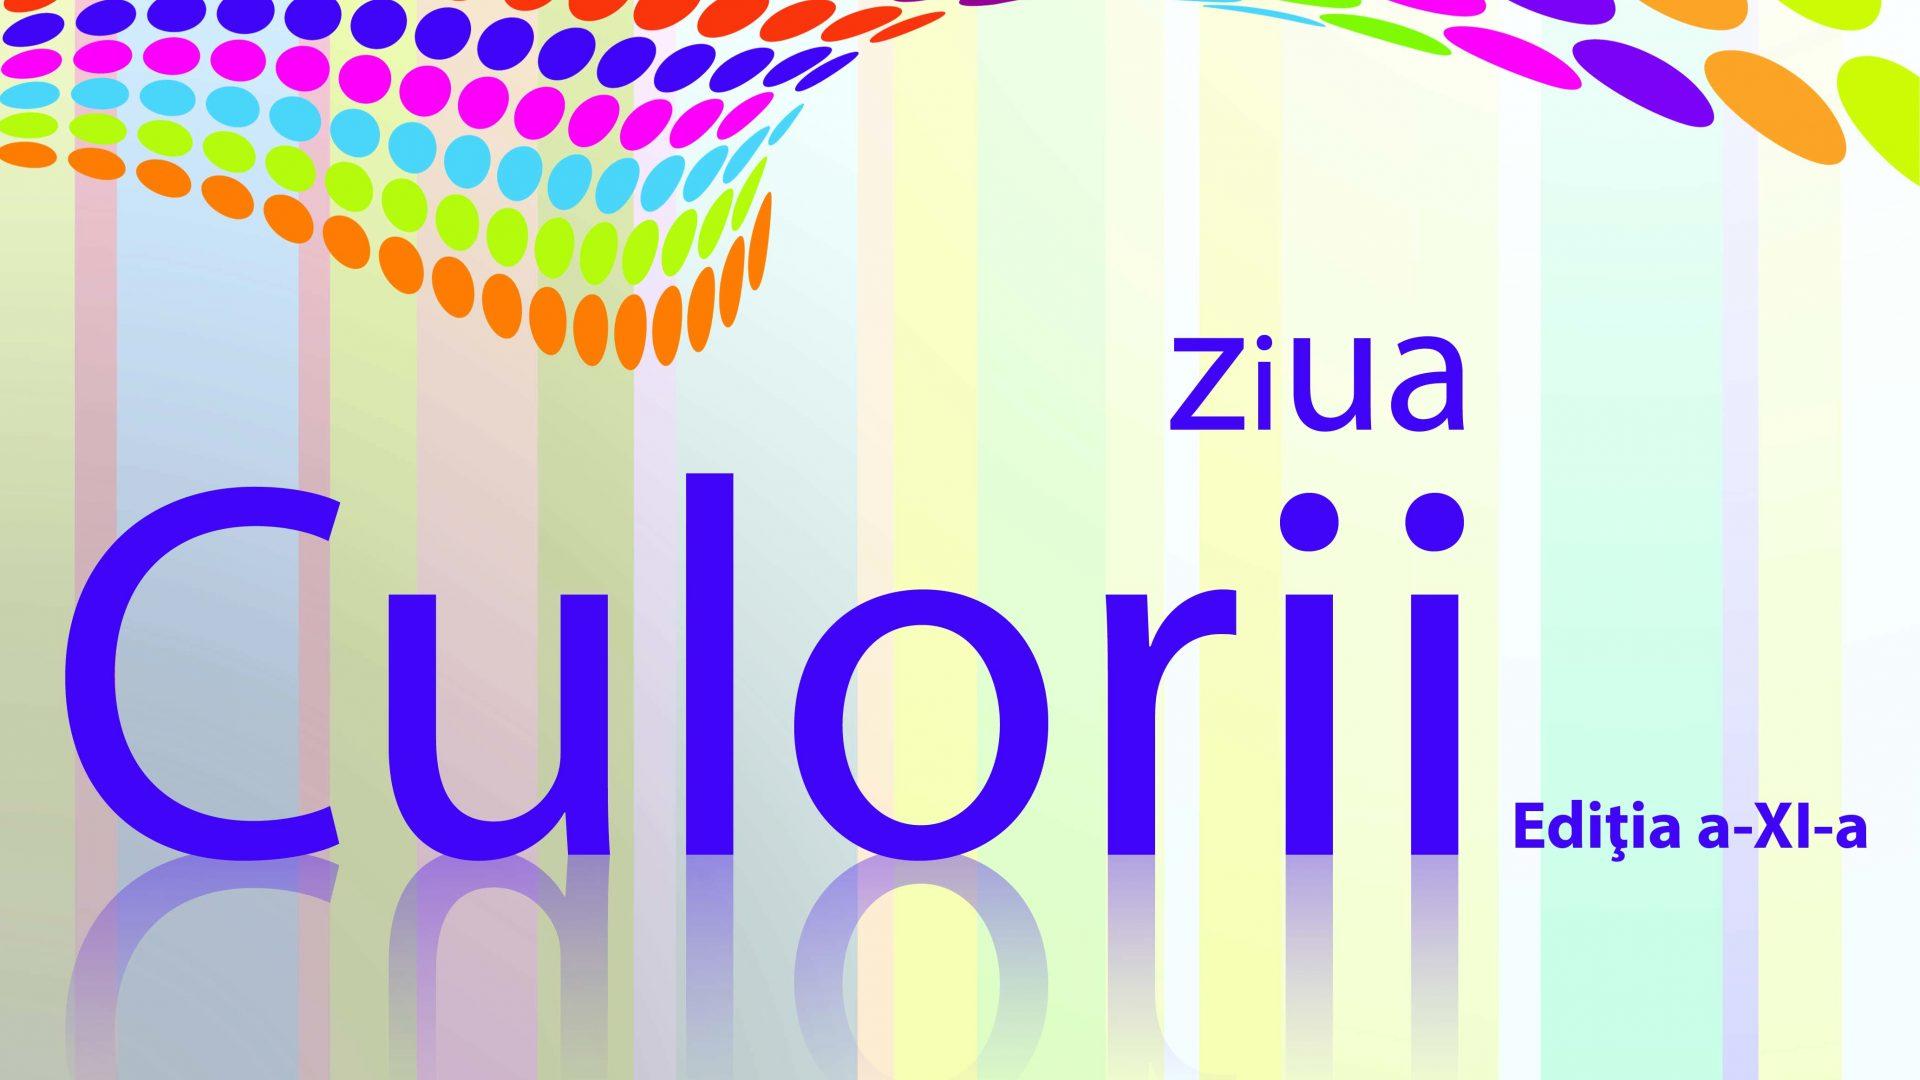 afis - ziua culorii 2018